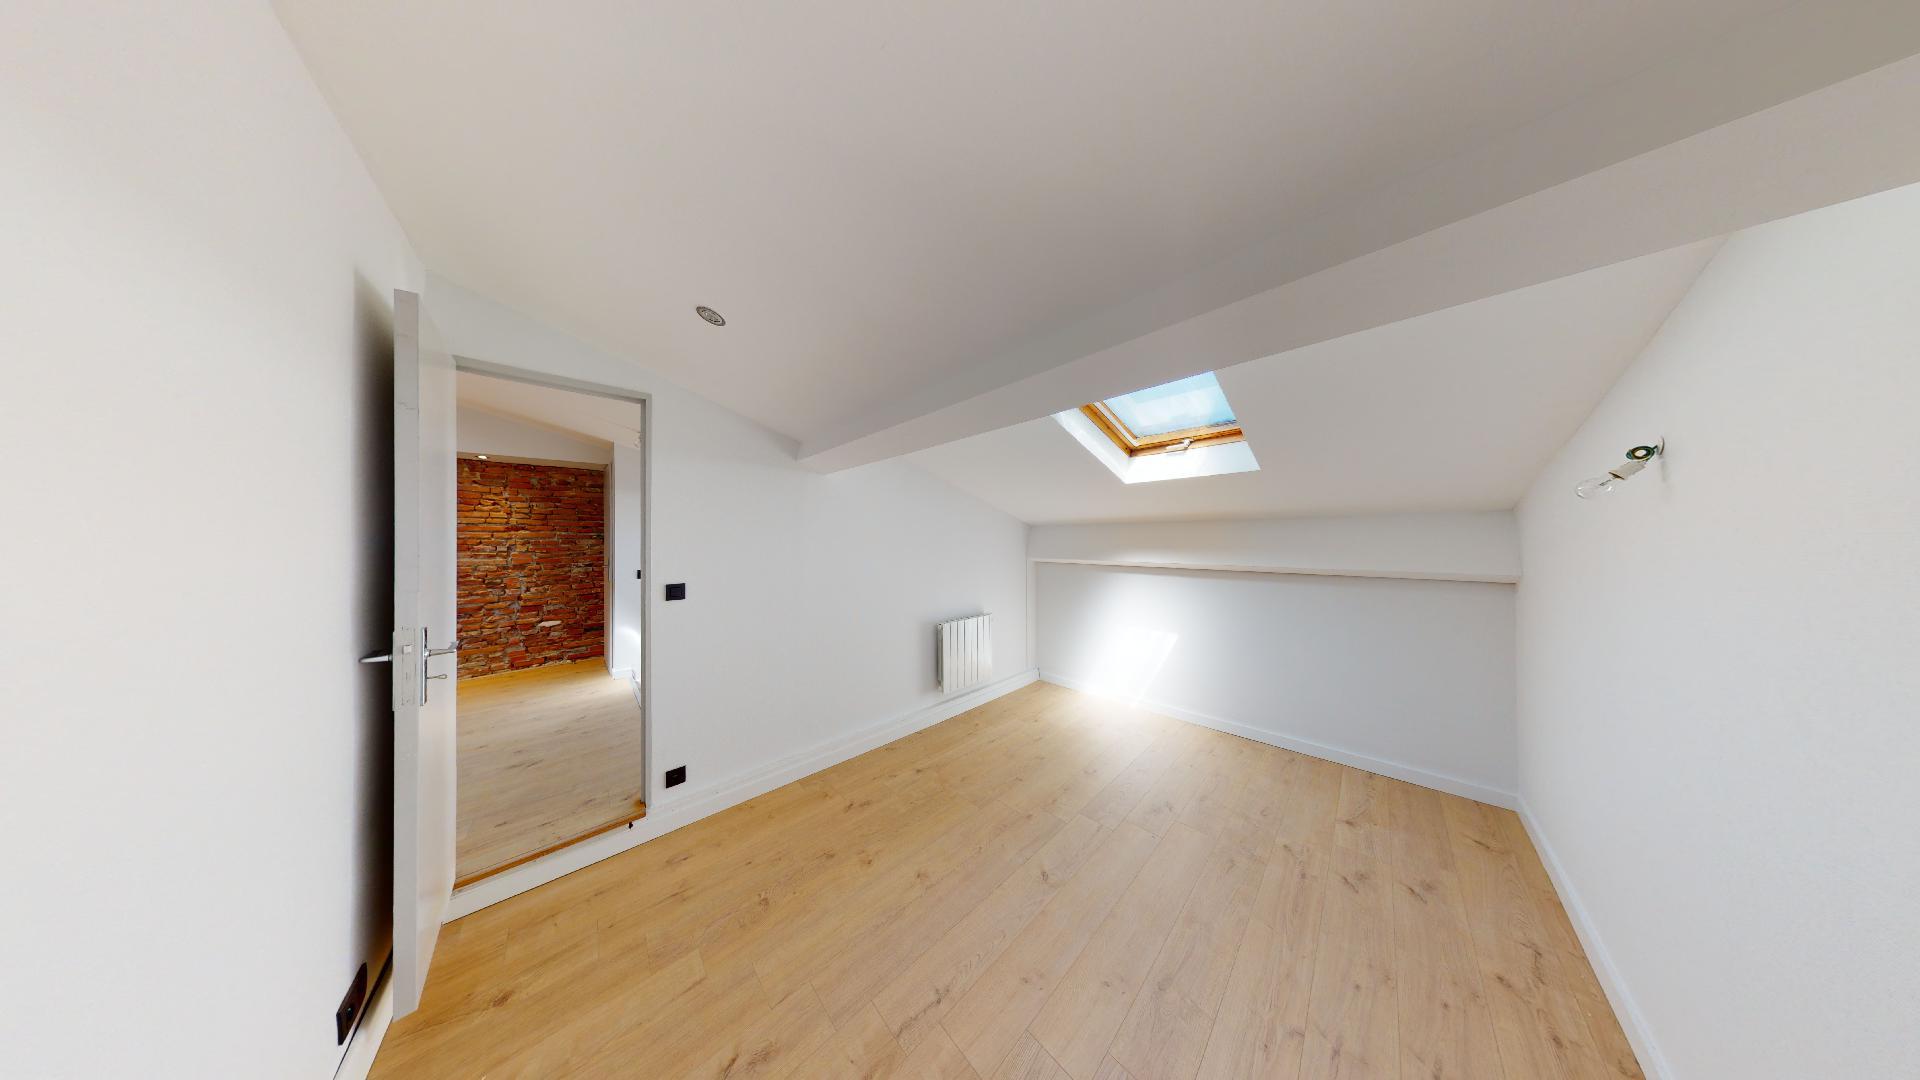 Contemporain-et-Charme-de-lancien-T2-ART-GEOMETRIE-Urbanhouse360